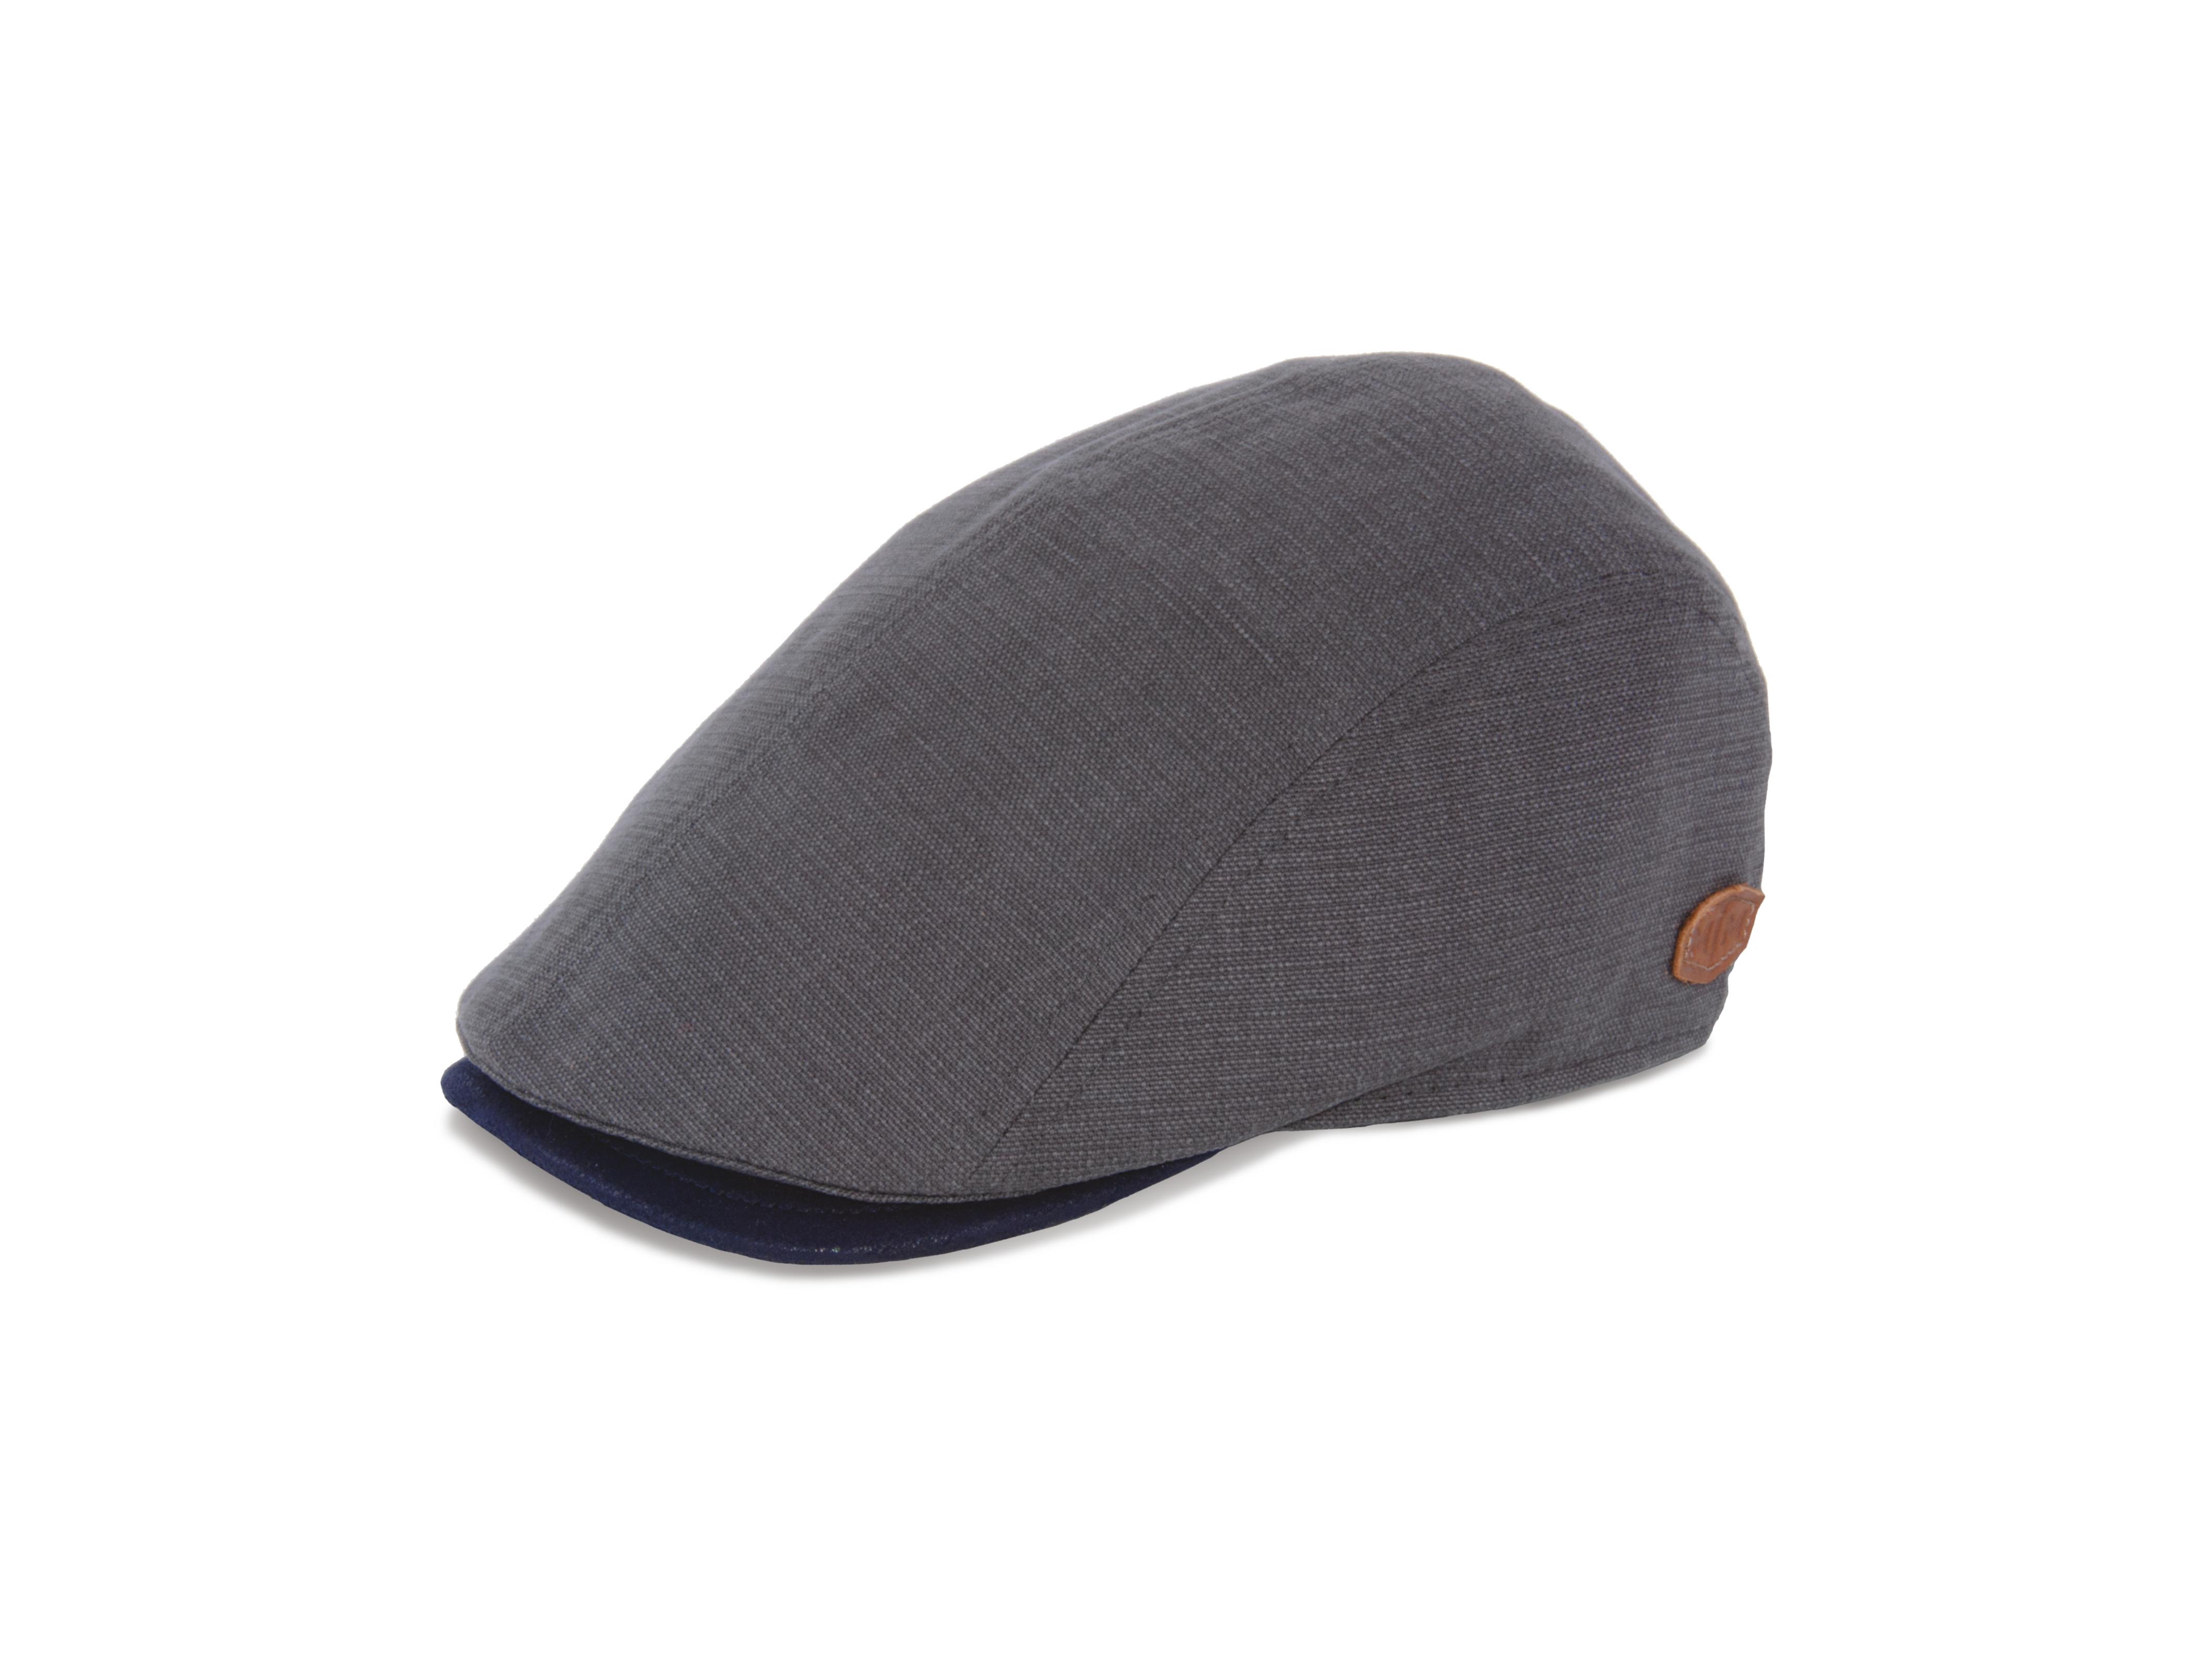 MJM Daffy Flatcap, Grey, Medium